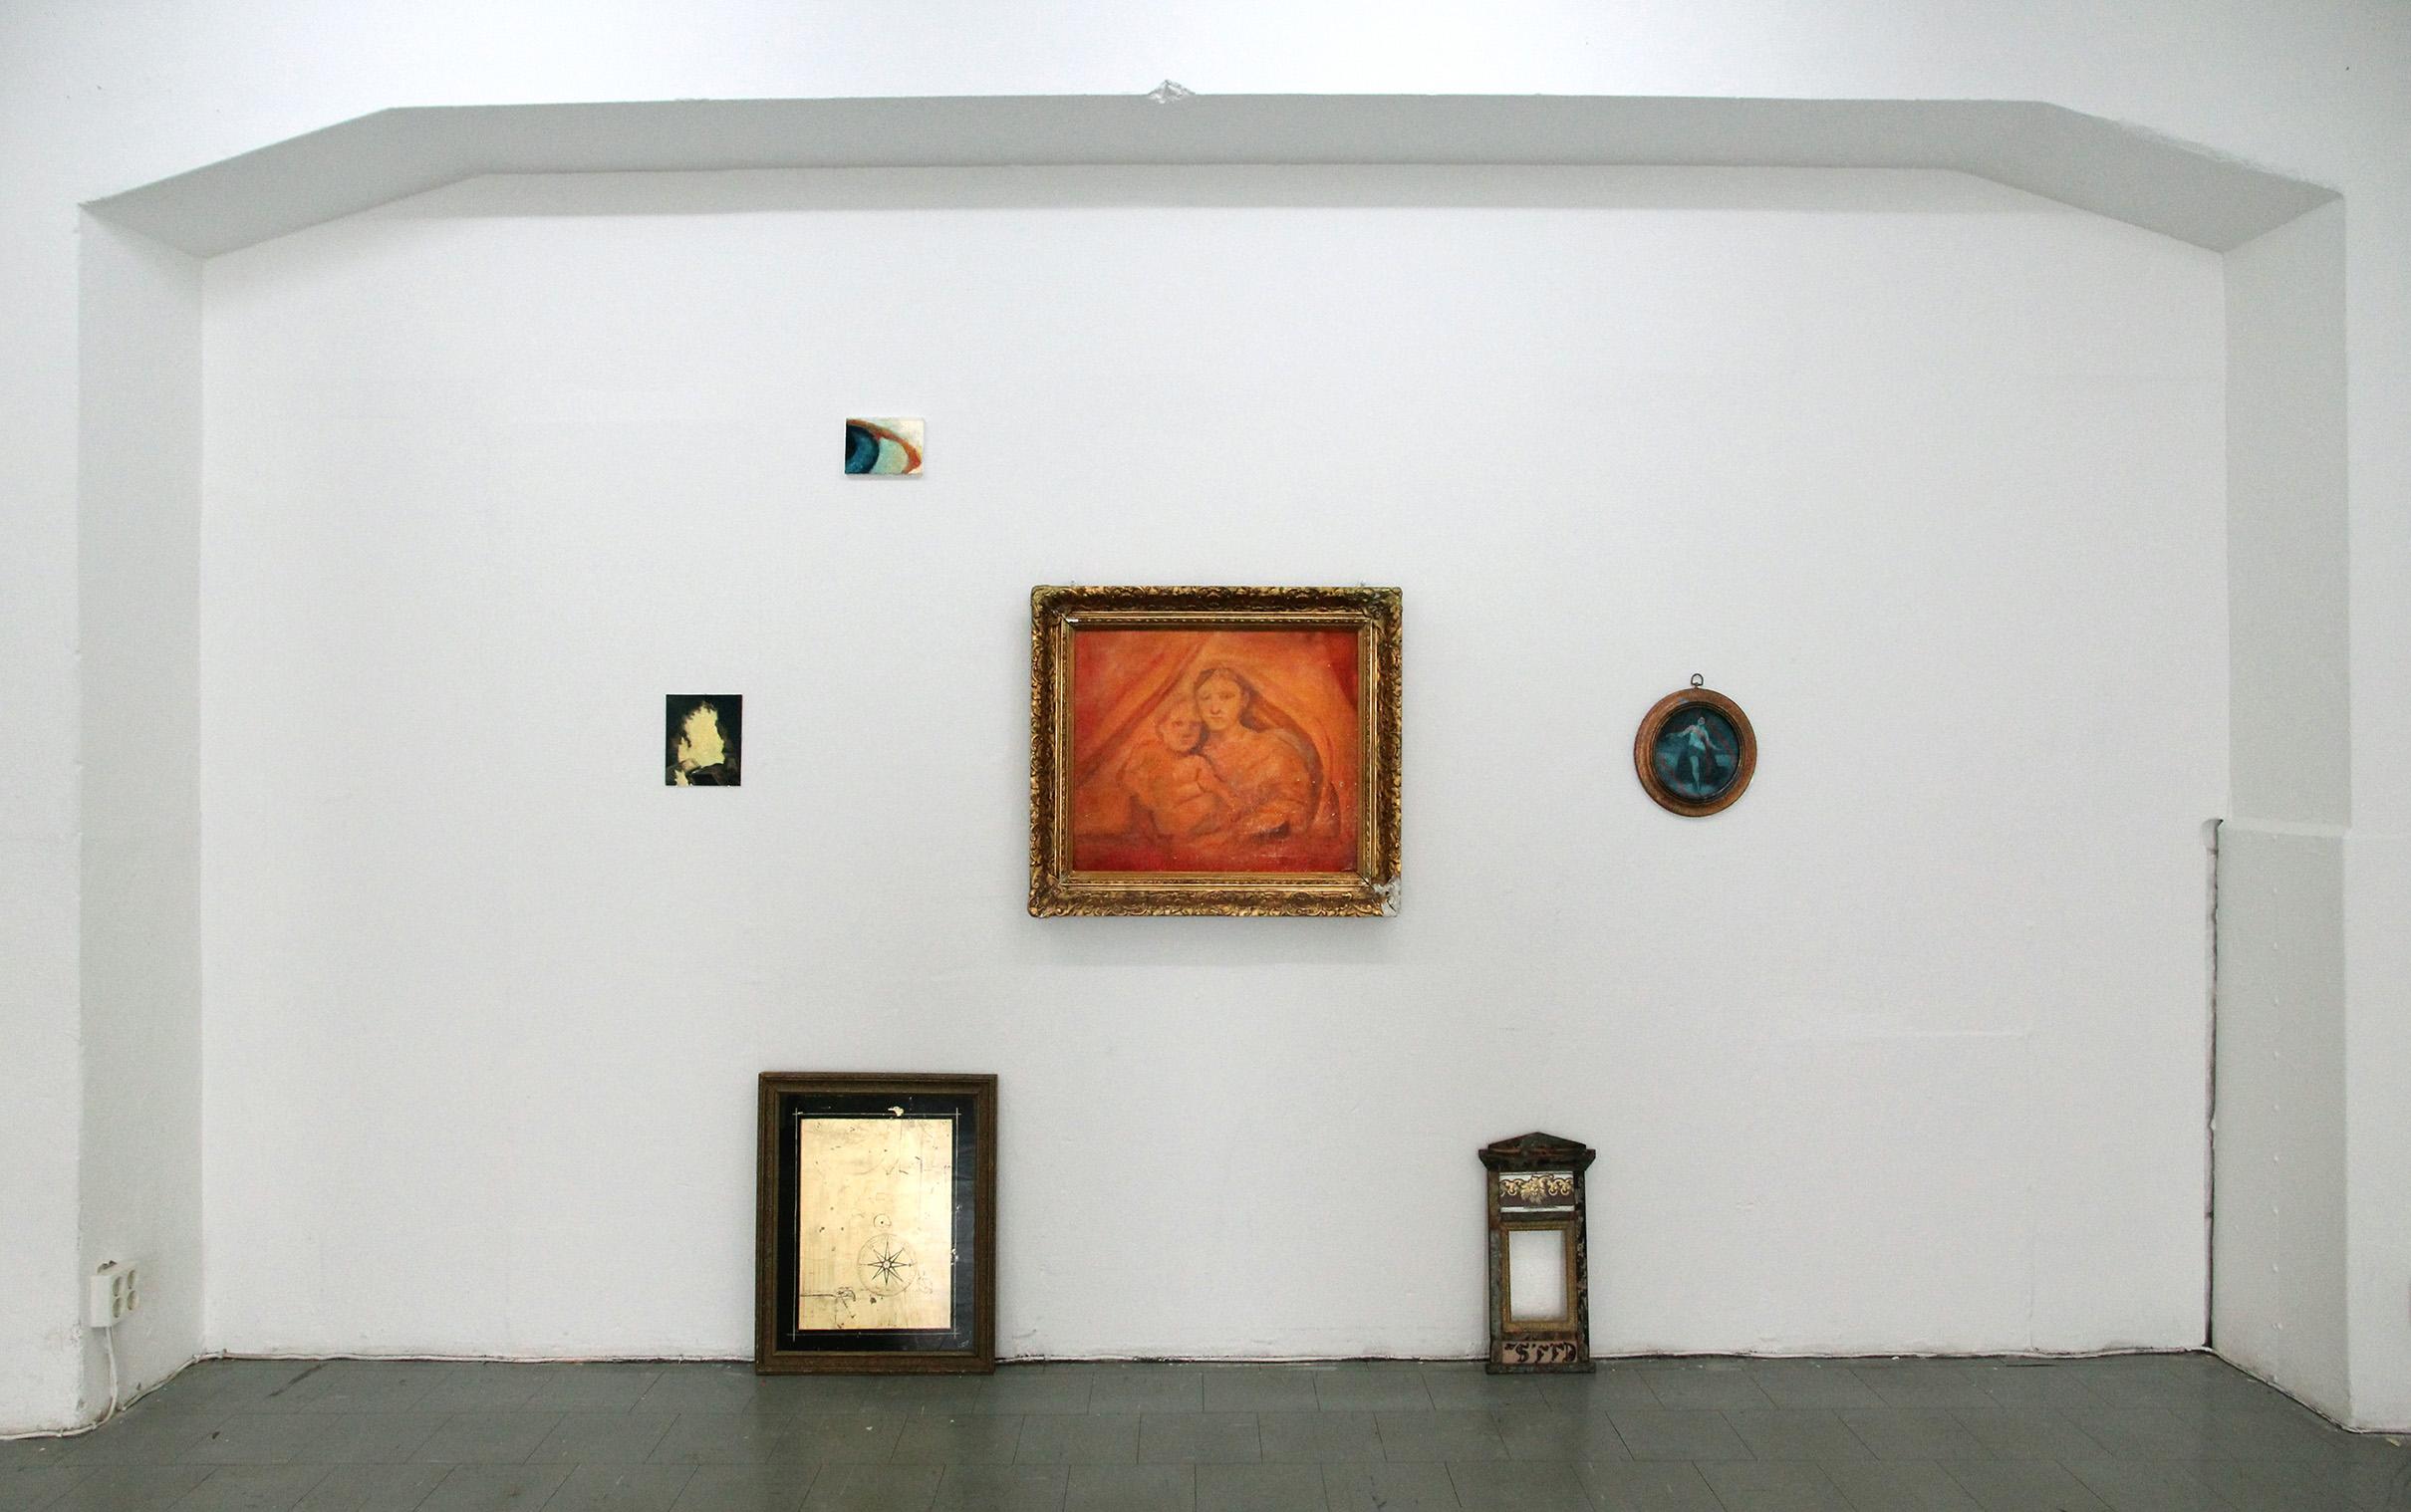 3.Installationsbild med Raphael